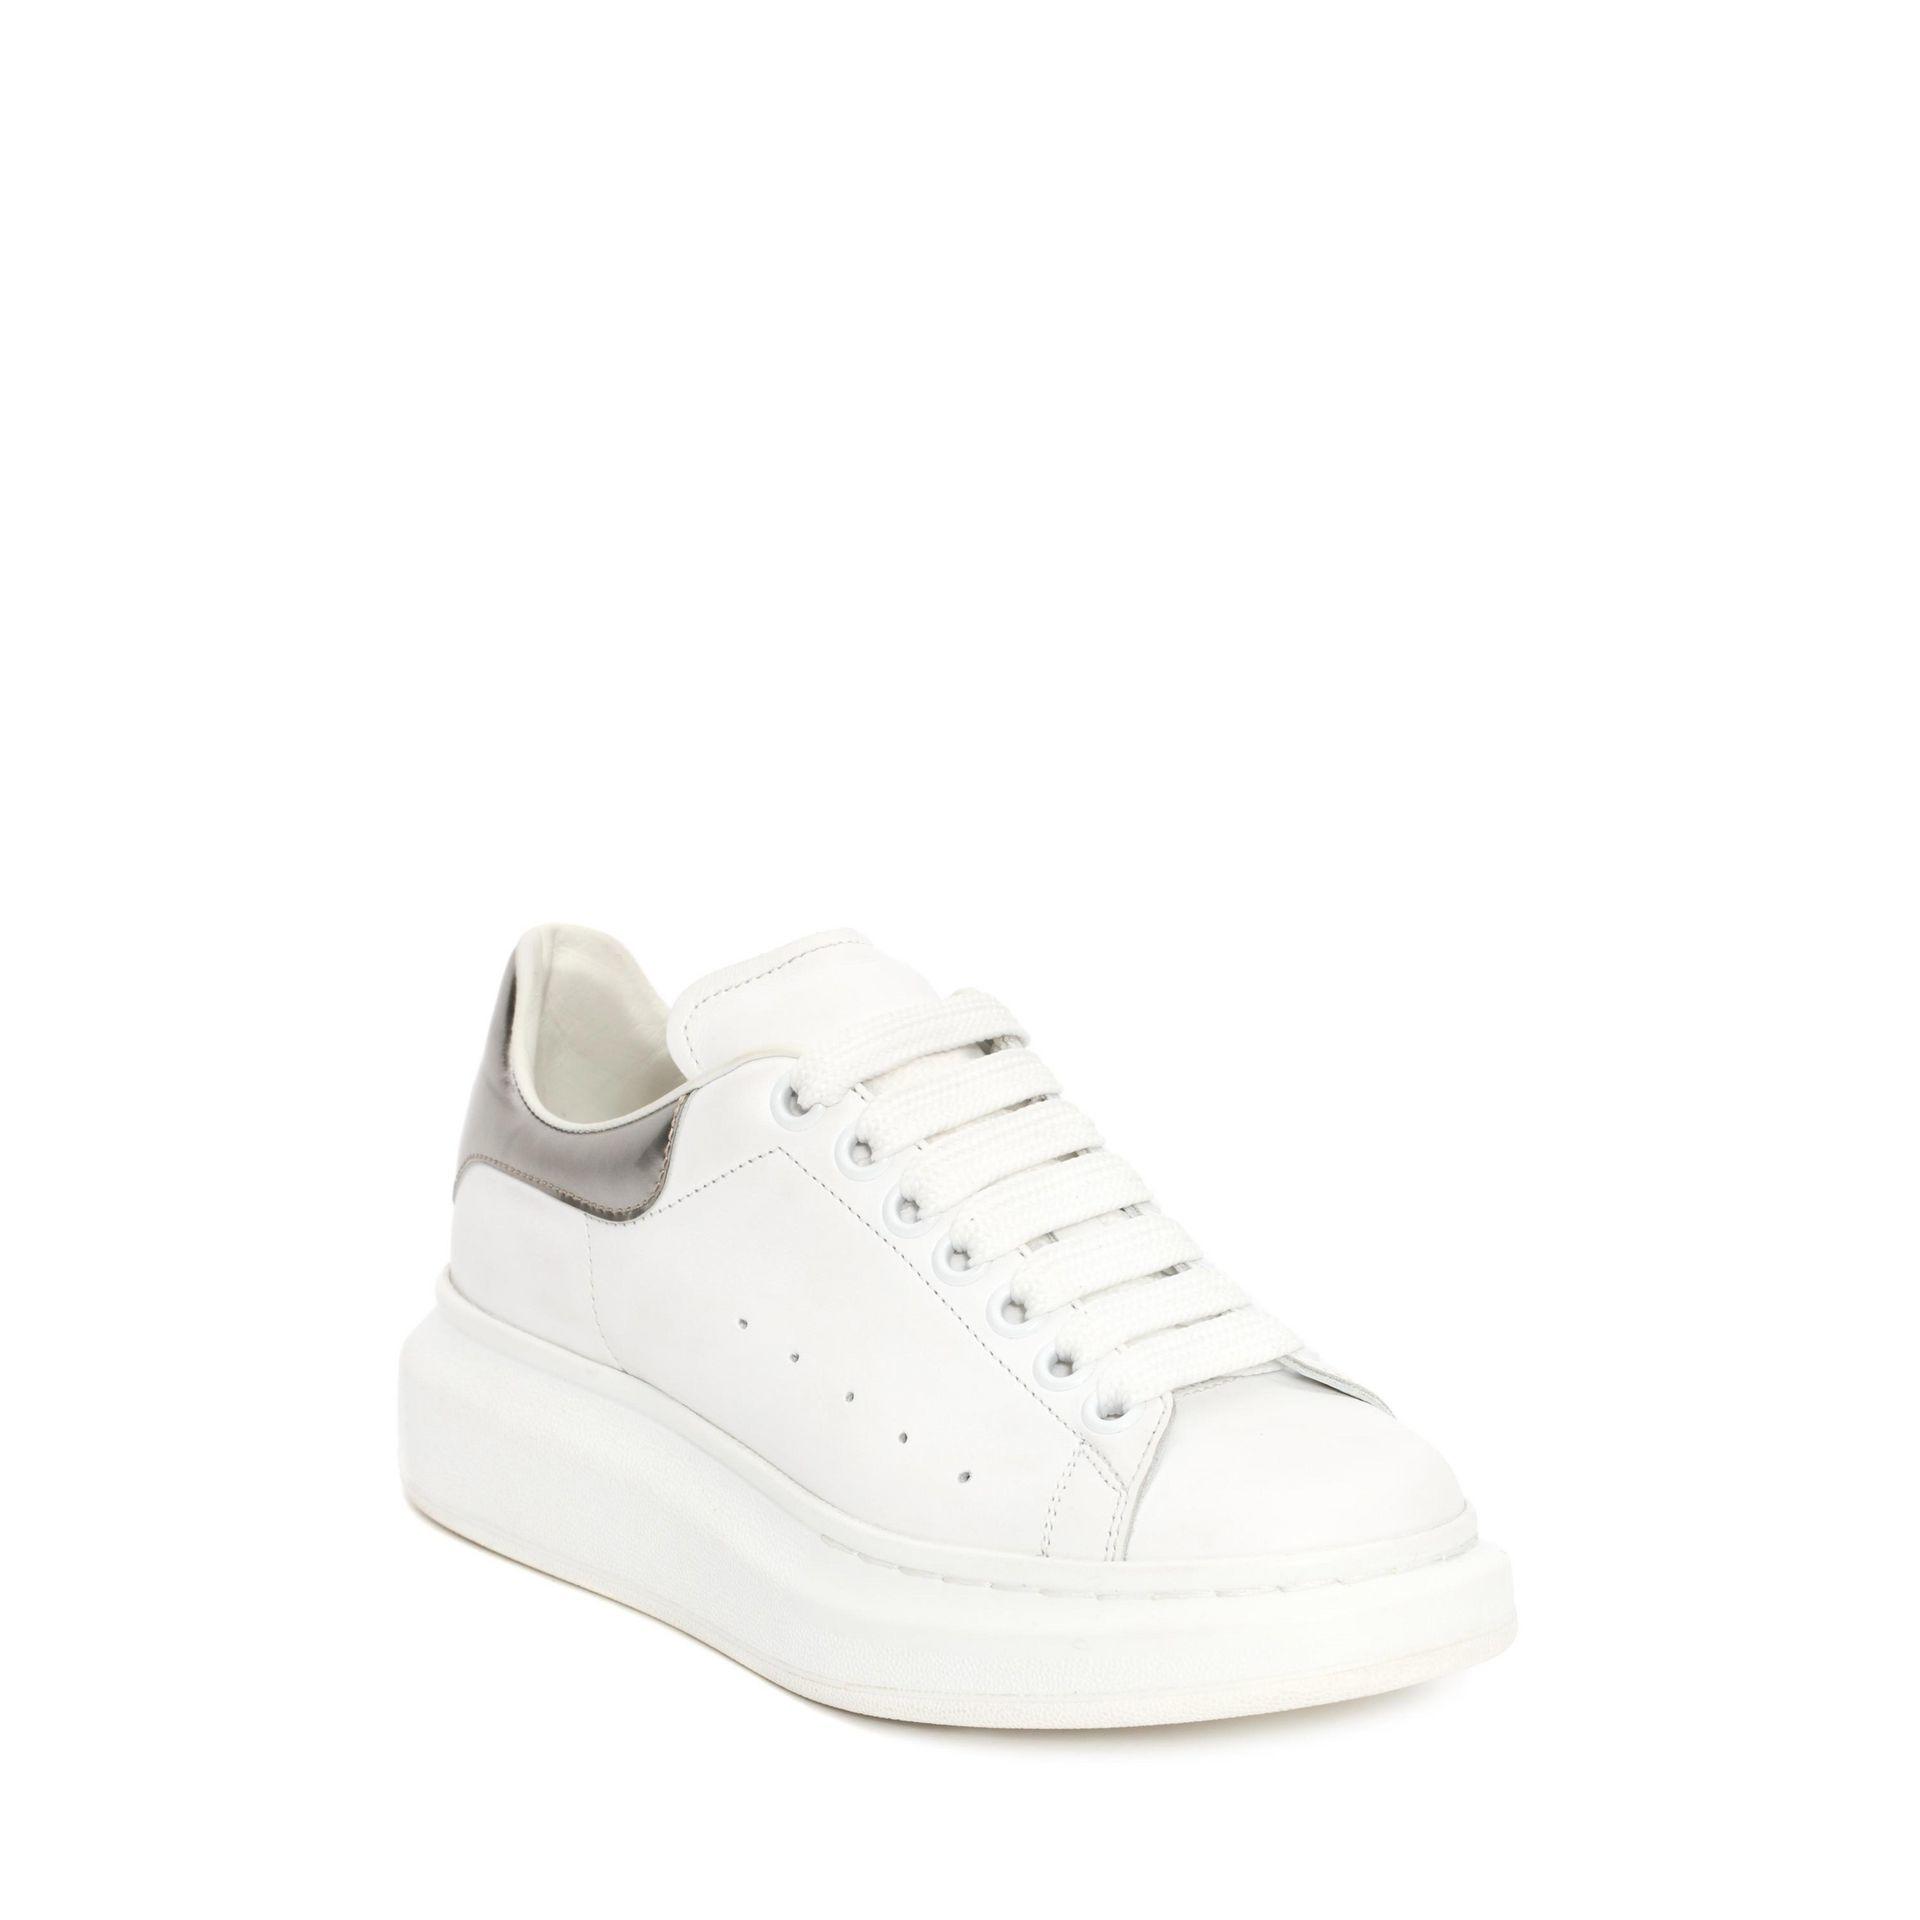 Alexander McQueen & Grey Metallic Oversized Sneakers bMFFP